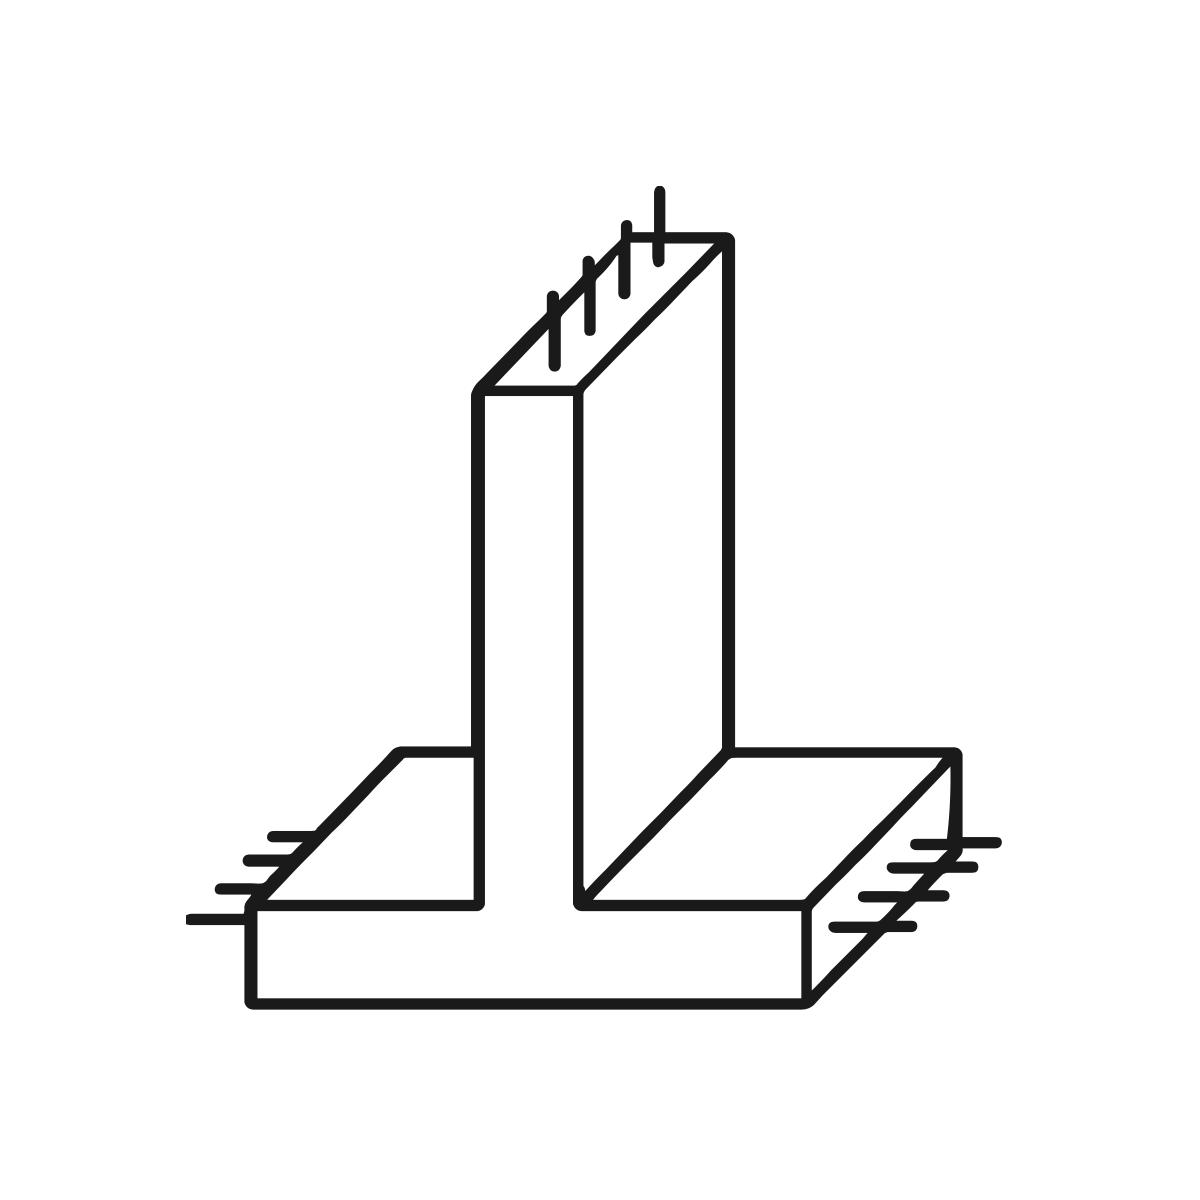 noun_reinforced concrete_791955-2